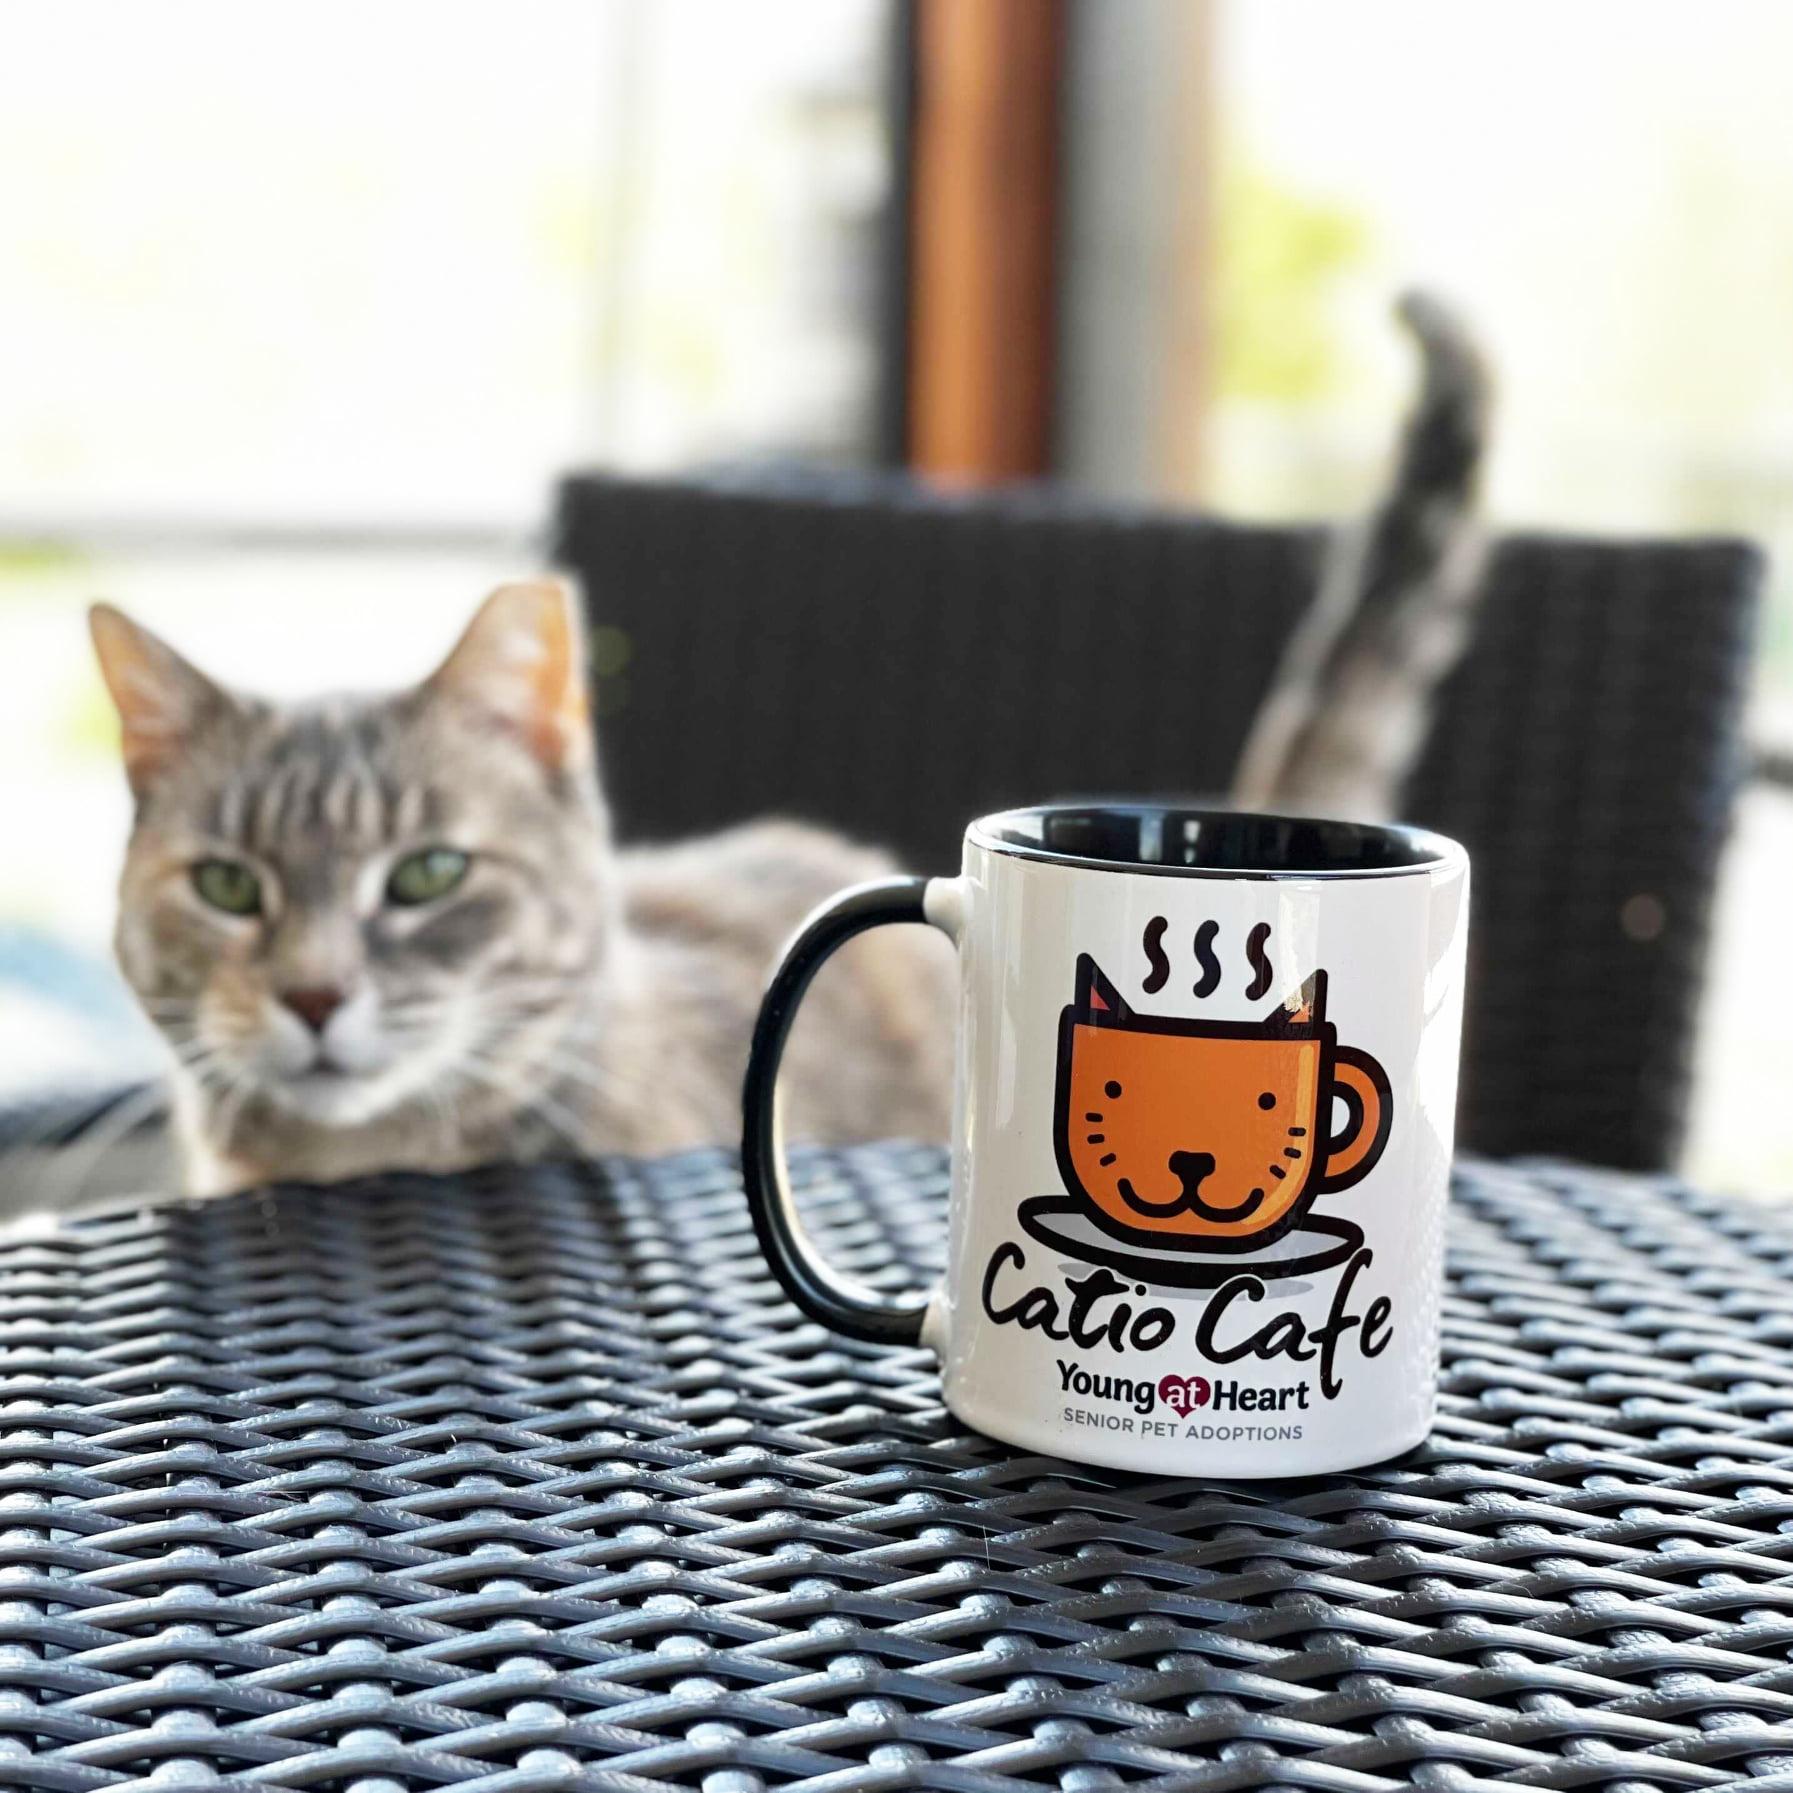 Catio Cafe